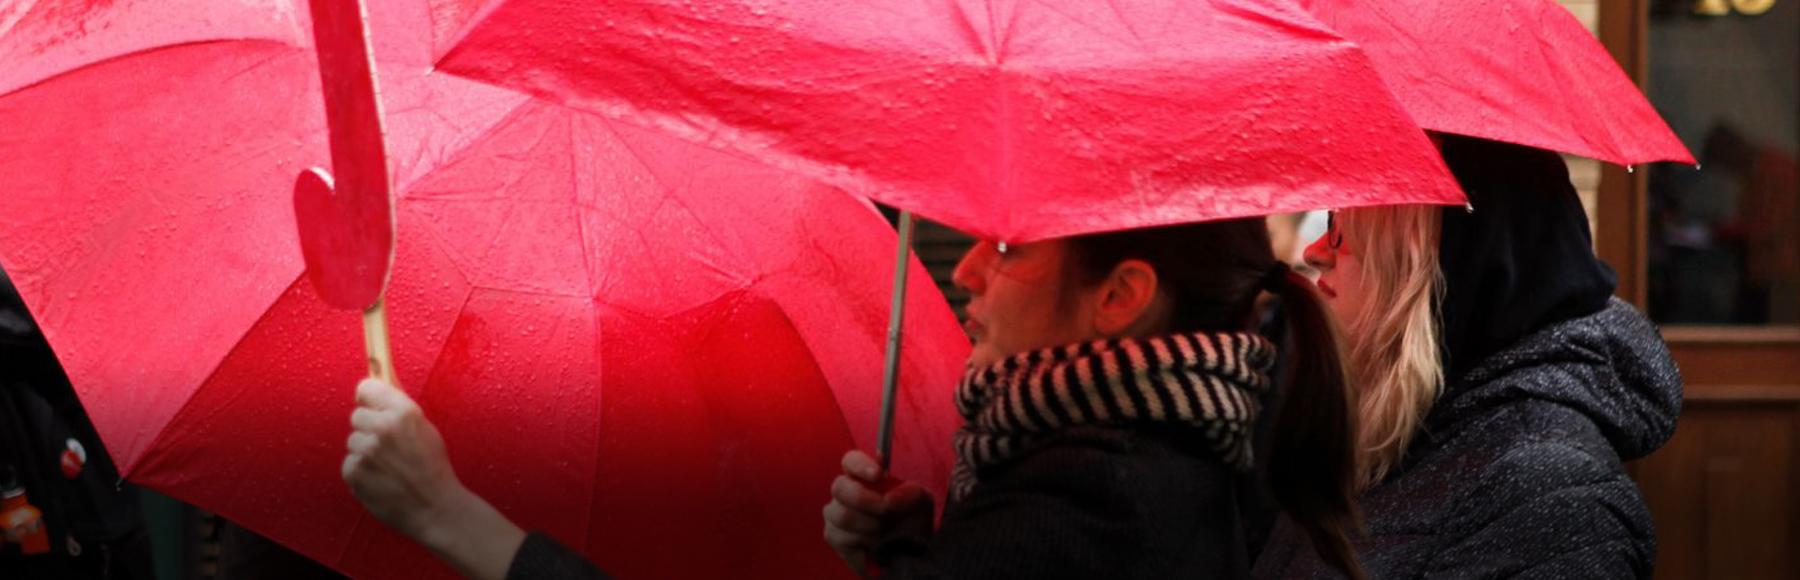 UNAIDS saúda decisão do Território do Norte da Austrália de descriminalizar o trabalho sexual